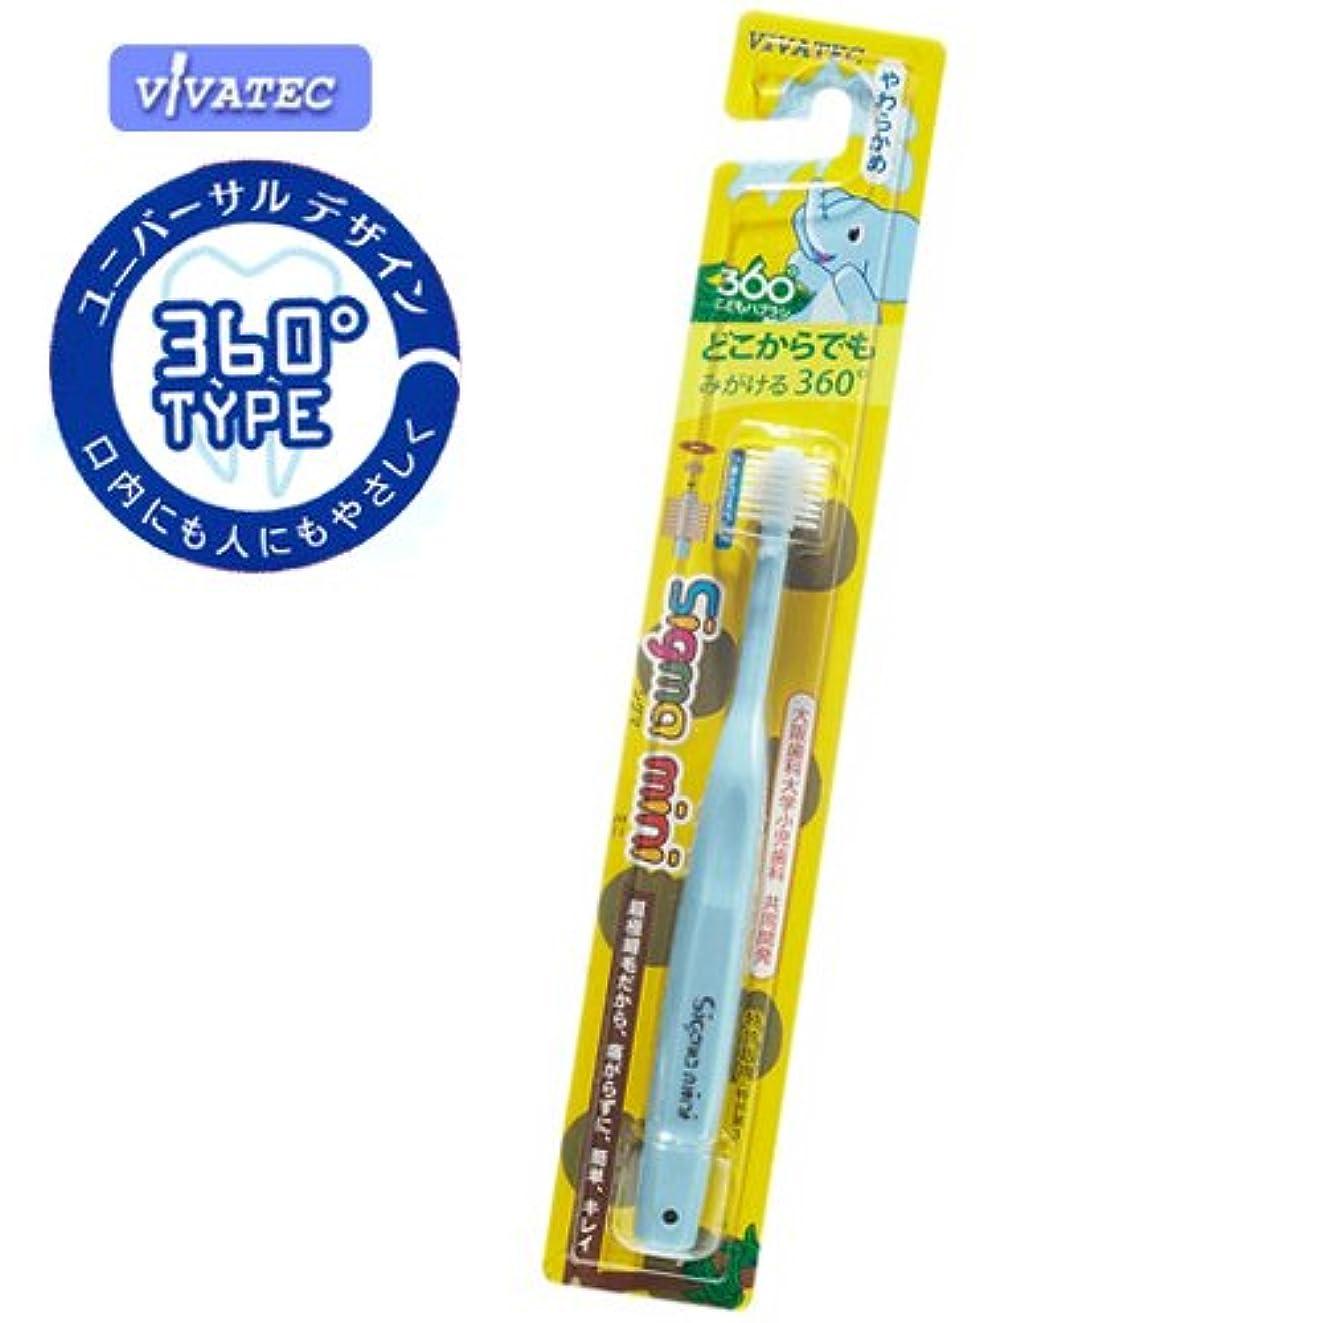 スマイルローマ人魅惑的な子供用360度歯ブラシ シグマミニ(ブルー)やわらか